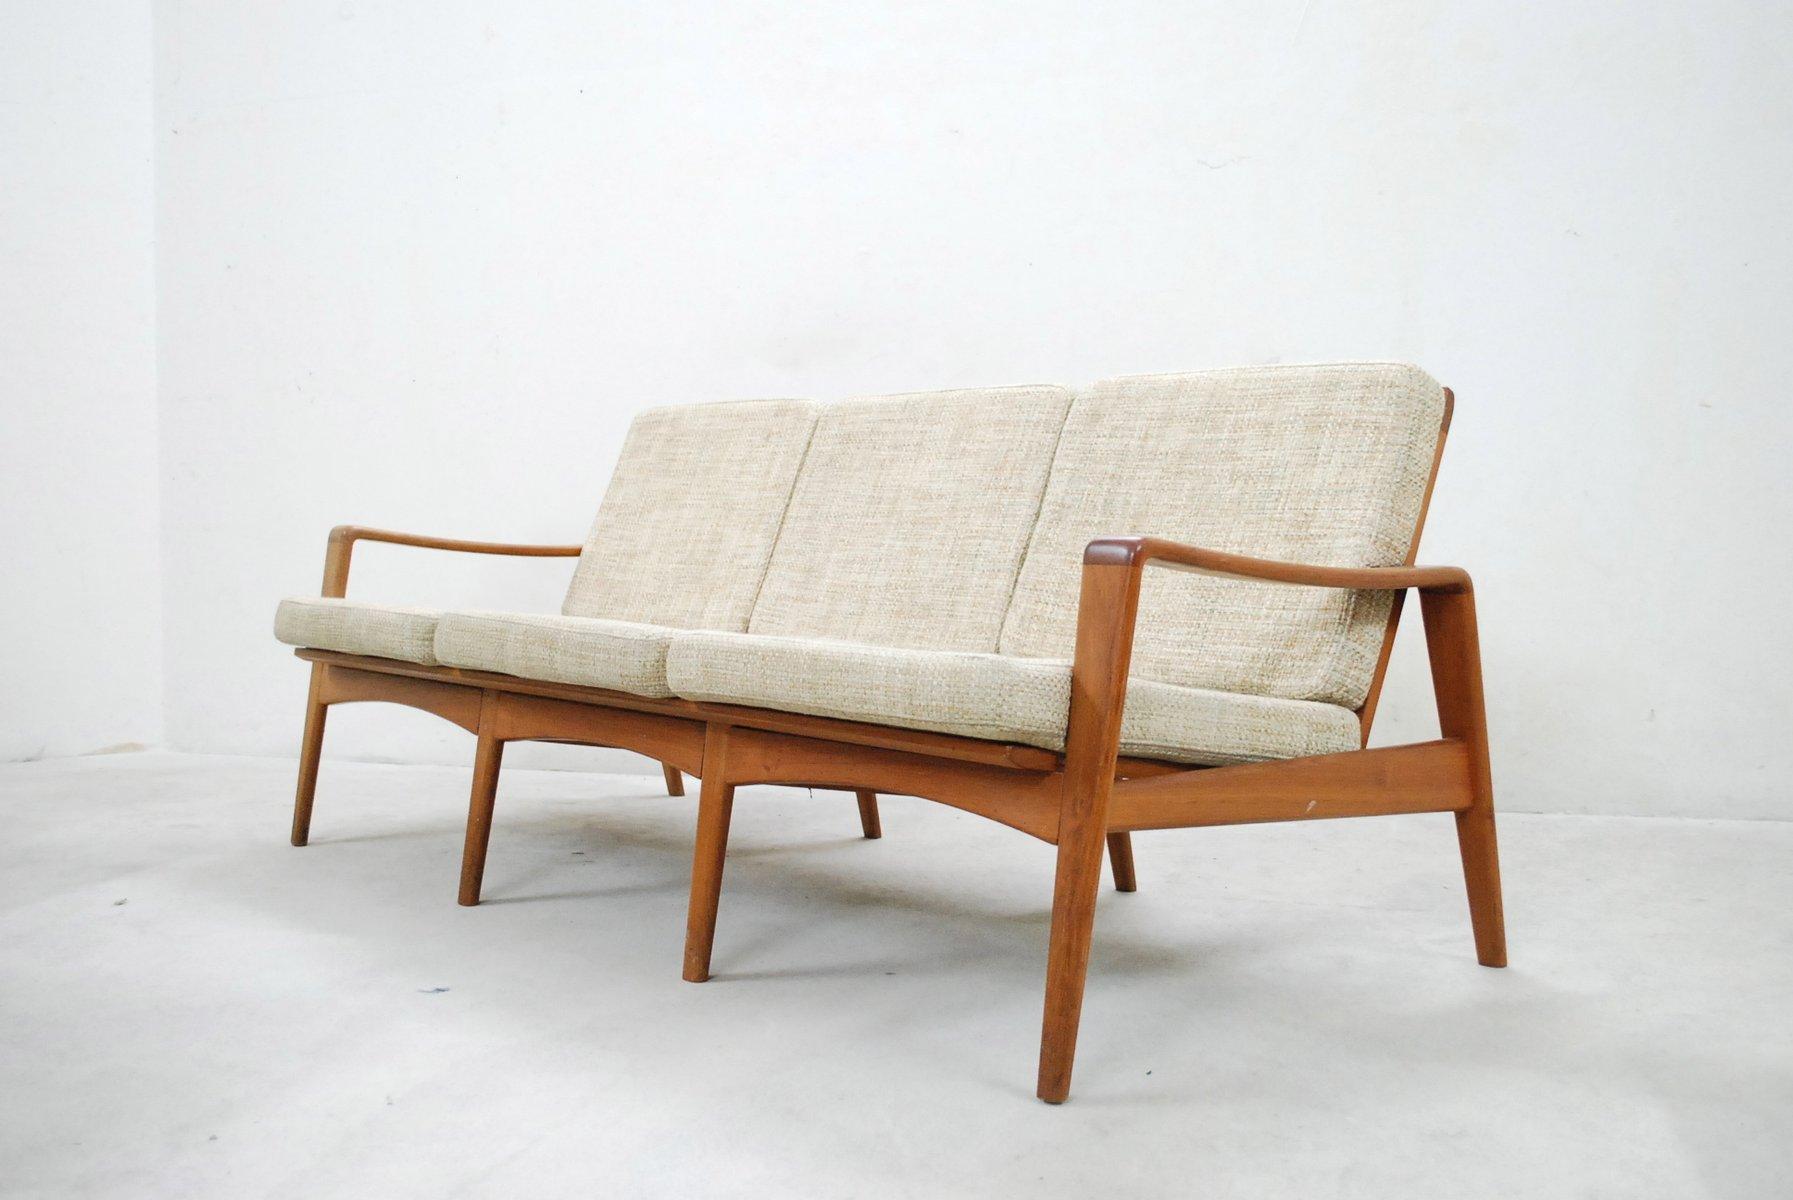 d nisches vintage 35 teak sofa von arne wahl iversen f r komfort bei pamono kaufen. Black Bedroom Furniture Sets. Home Design Ideas